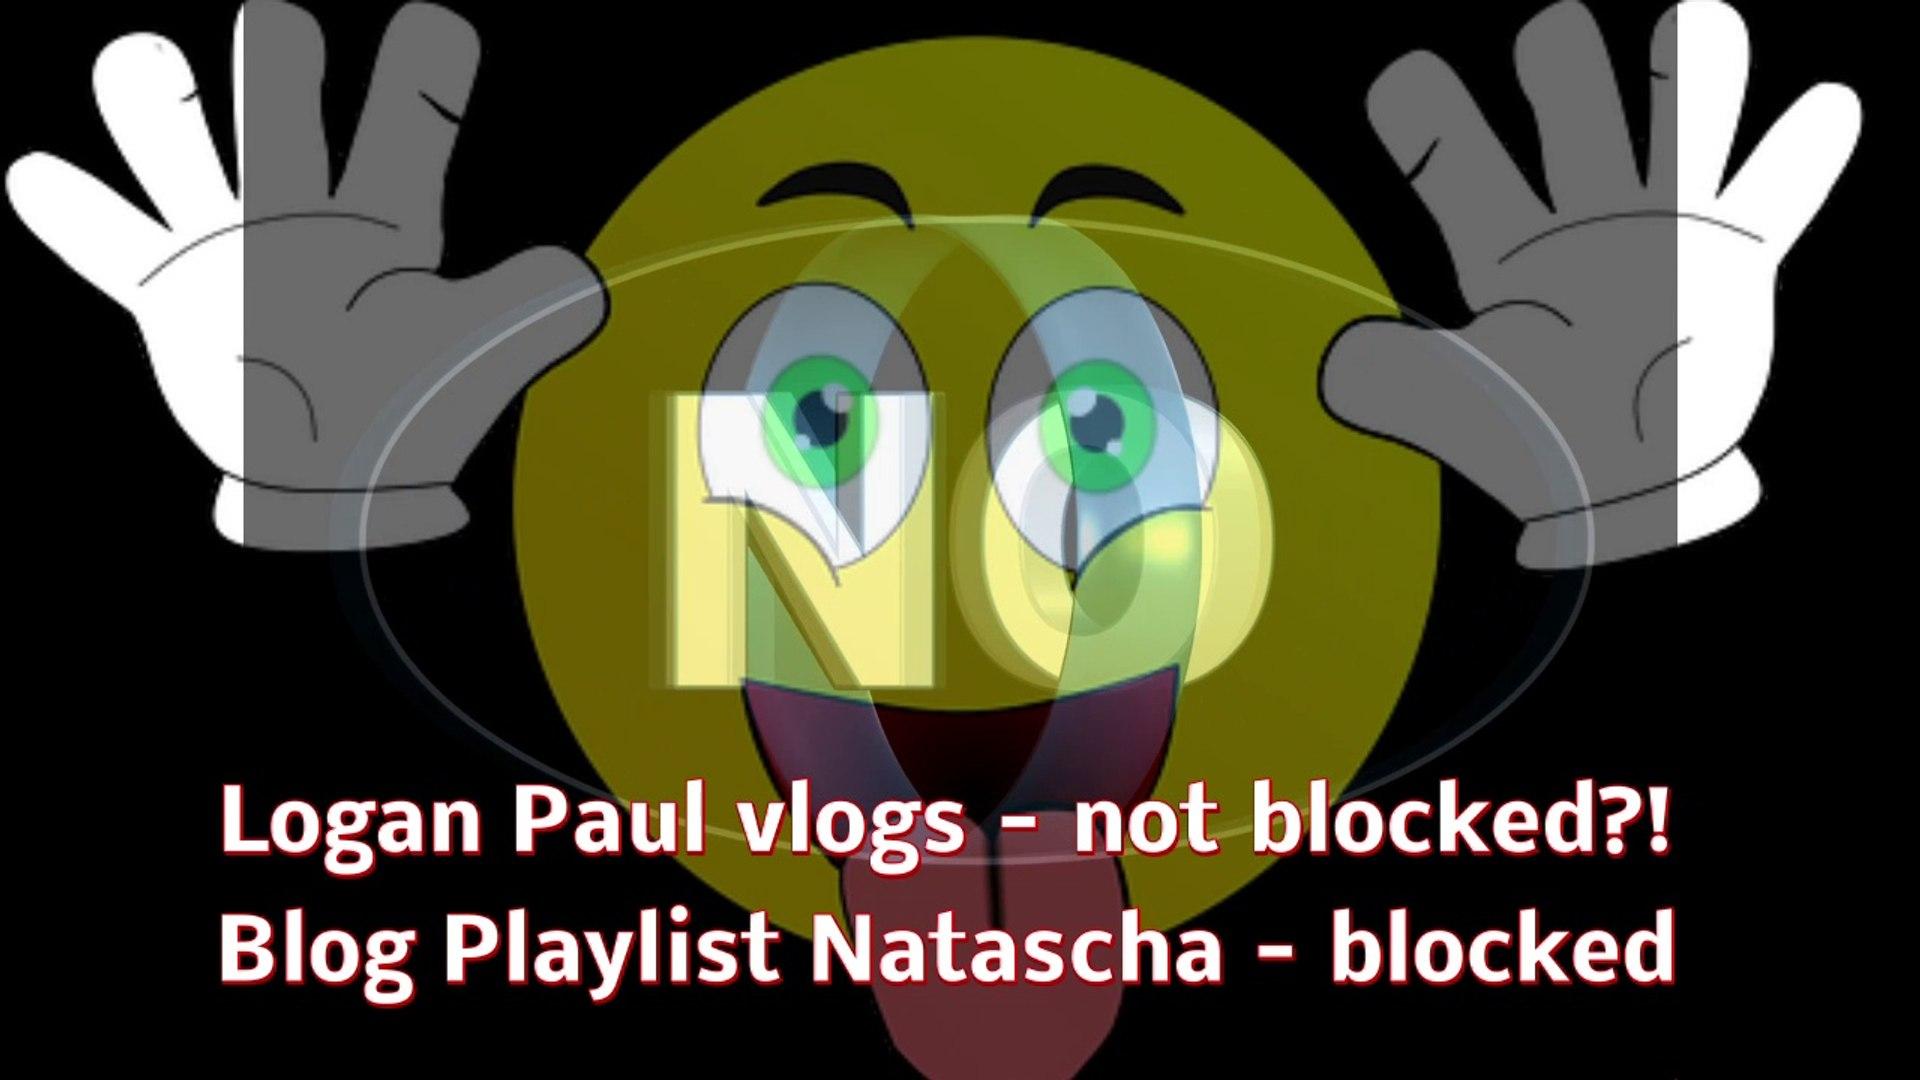 Logan Paul vlogs - Scandal!